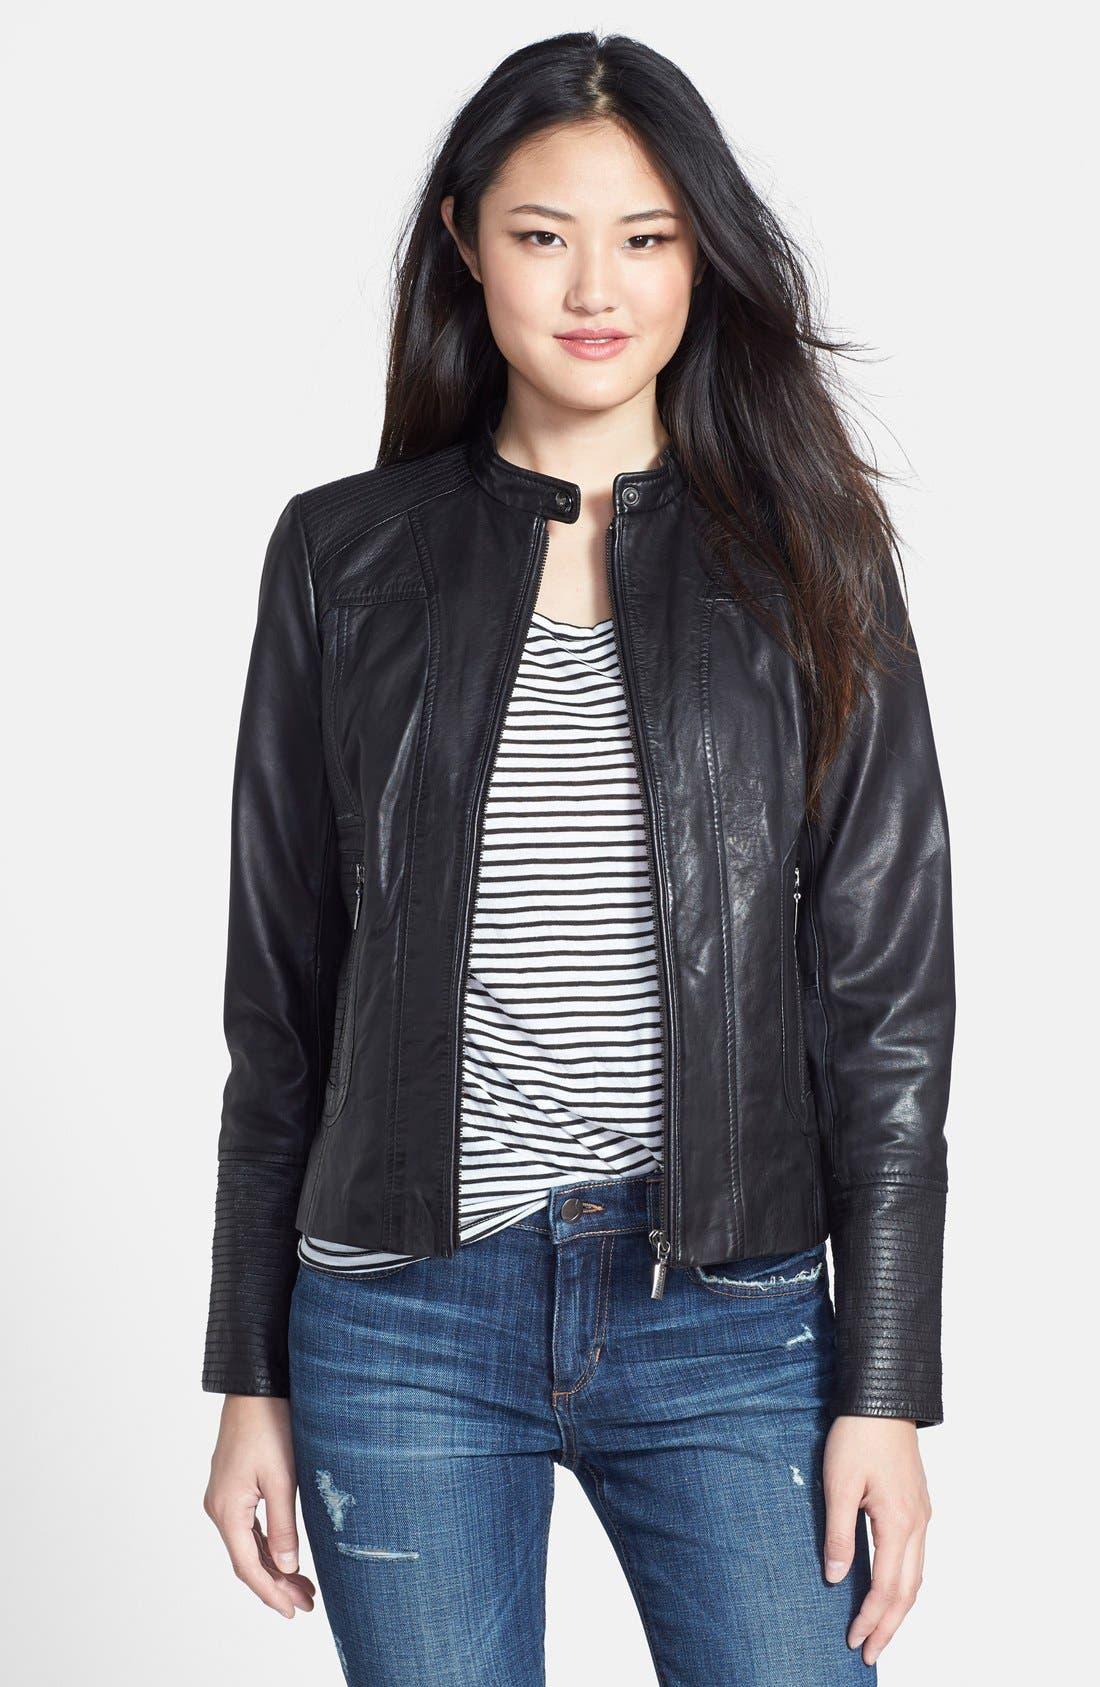 Alternate Image 1 Selected - Bernardo Leather Scuba Jacket (Regular & Petite)